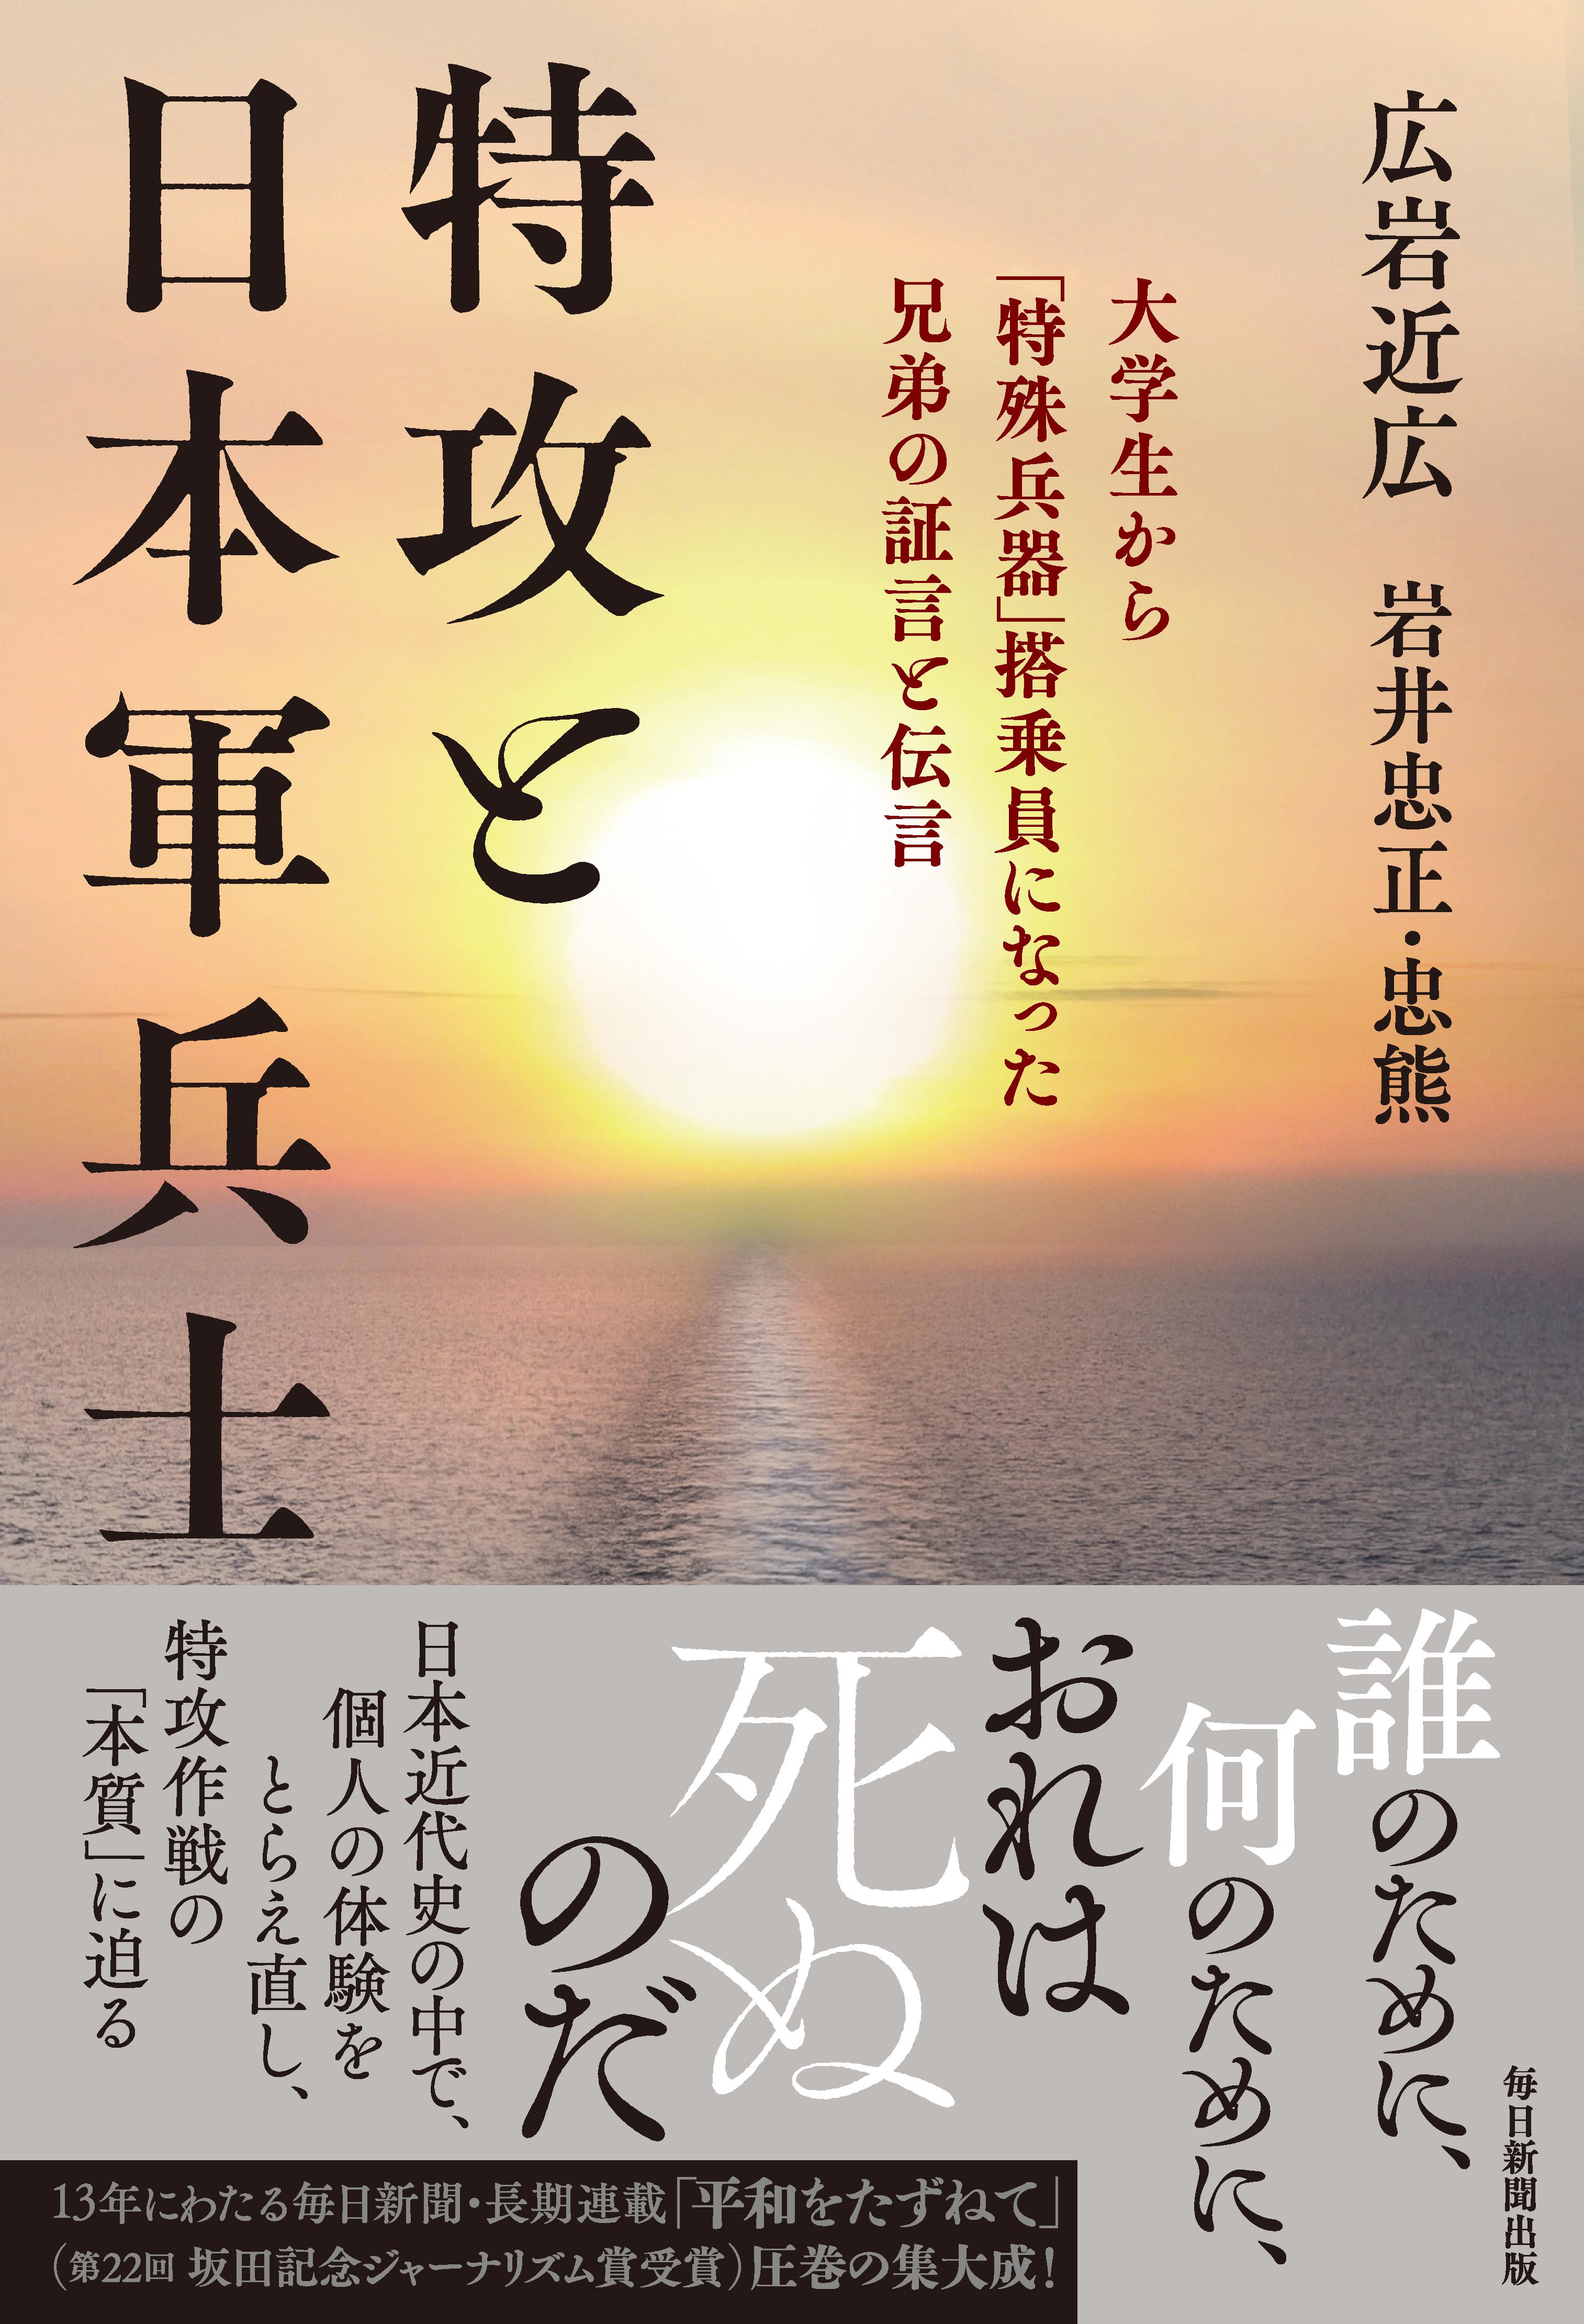 書影:特攻と日本軍兵士 大学生から「特殊兵器」搭乗員になった兄弟の証言と伝言